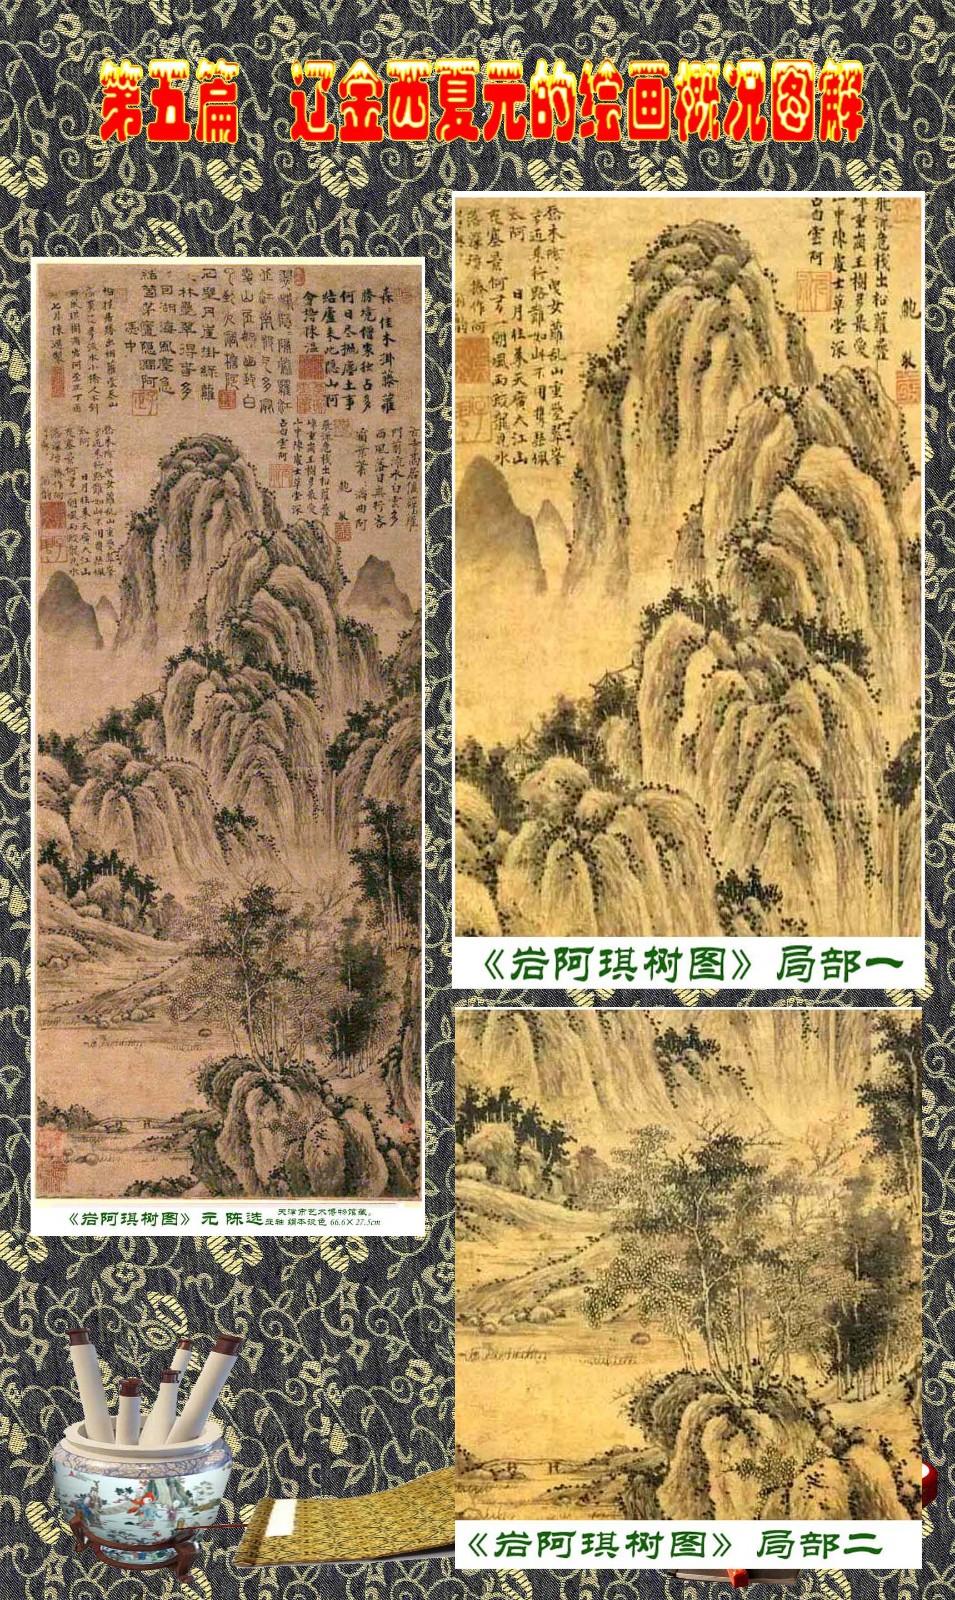 顾绍骅编辑 中国画知识普及版 第五篇 辽金西夏元的绘画概况 下 ... ..._图1-77